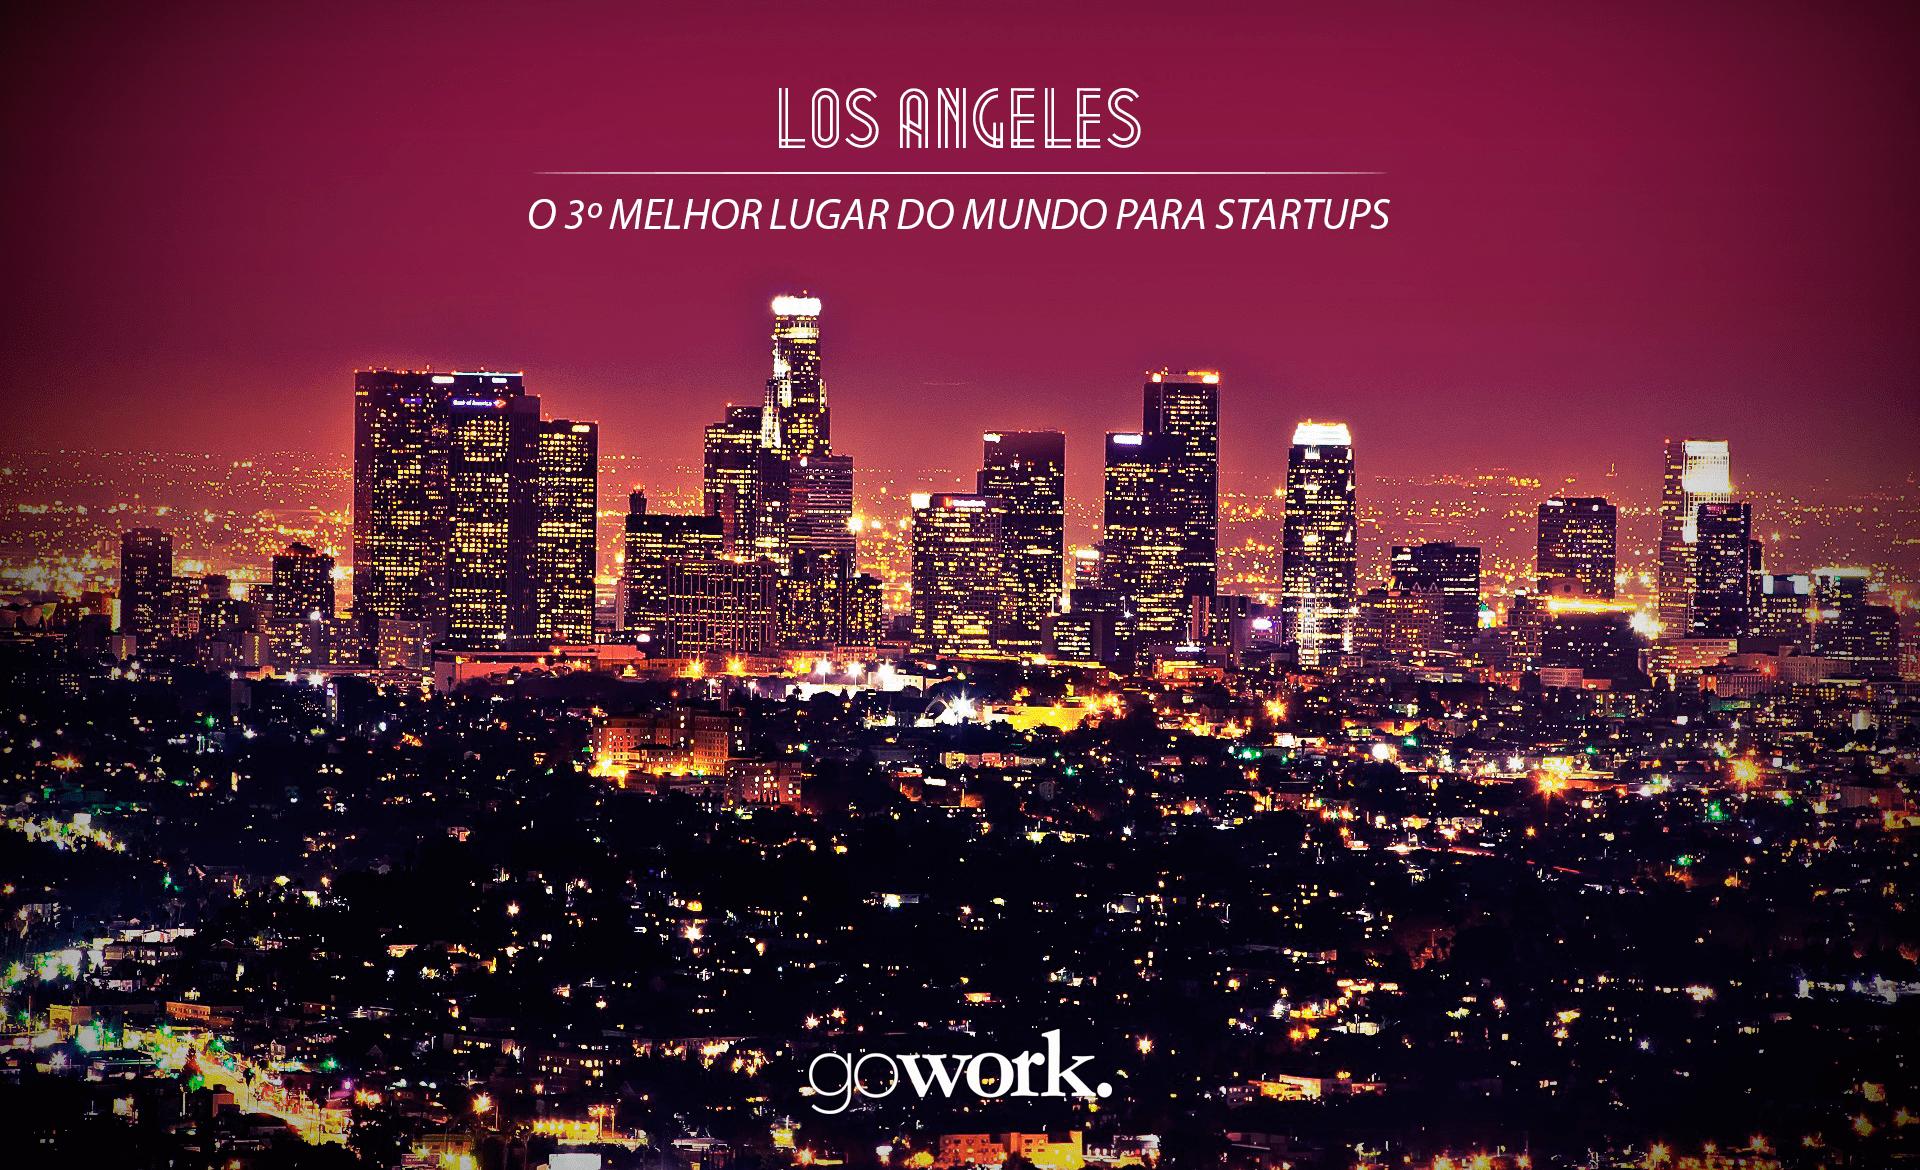 Startup_LosAngeles